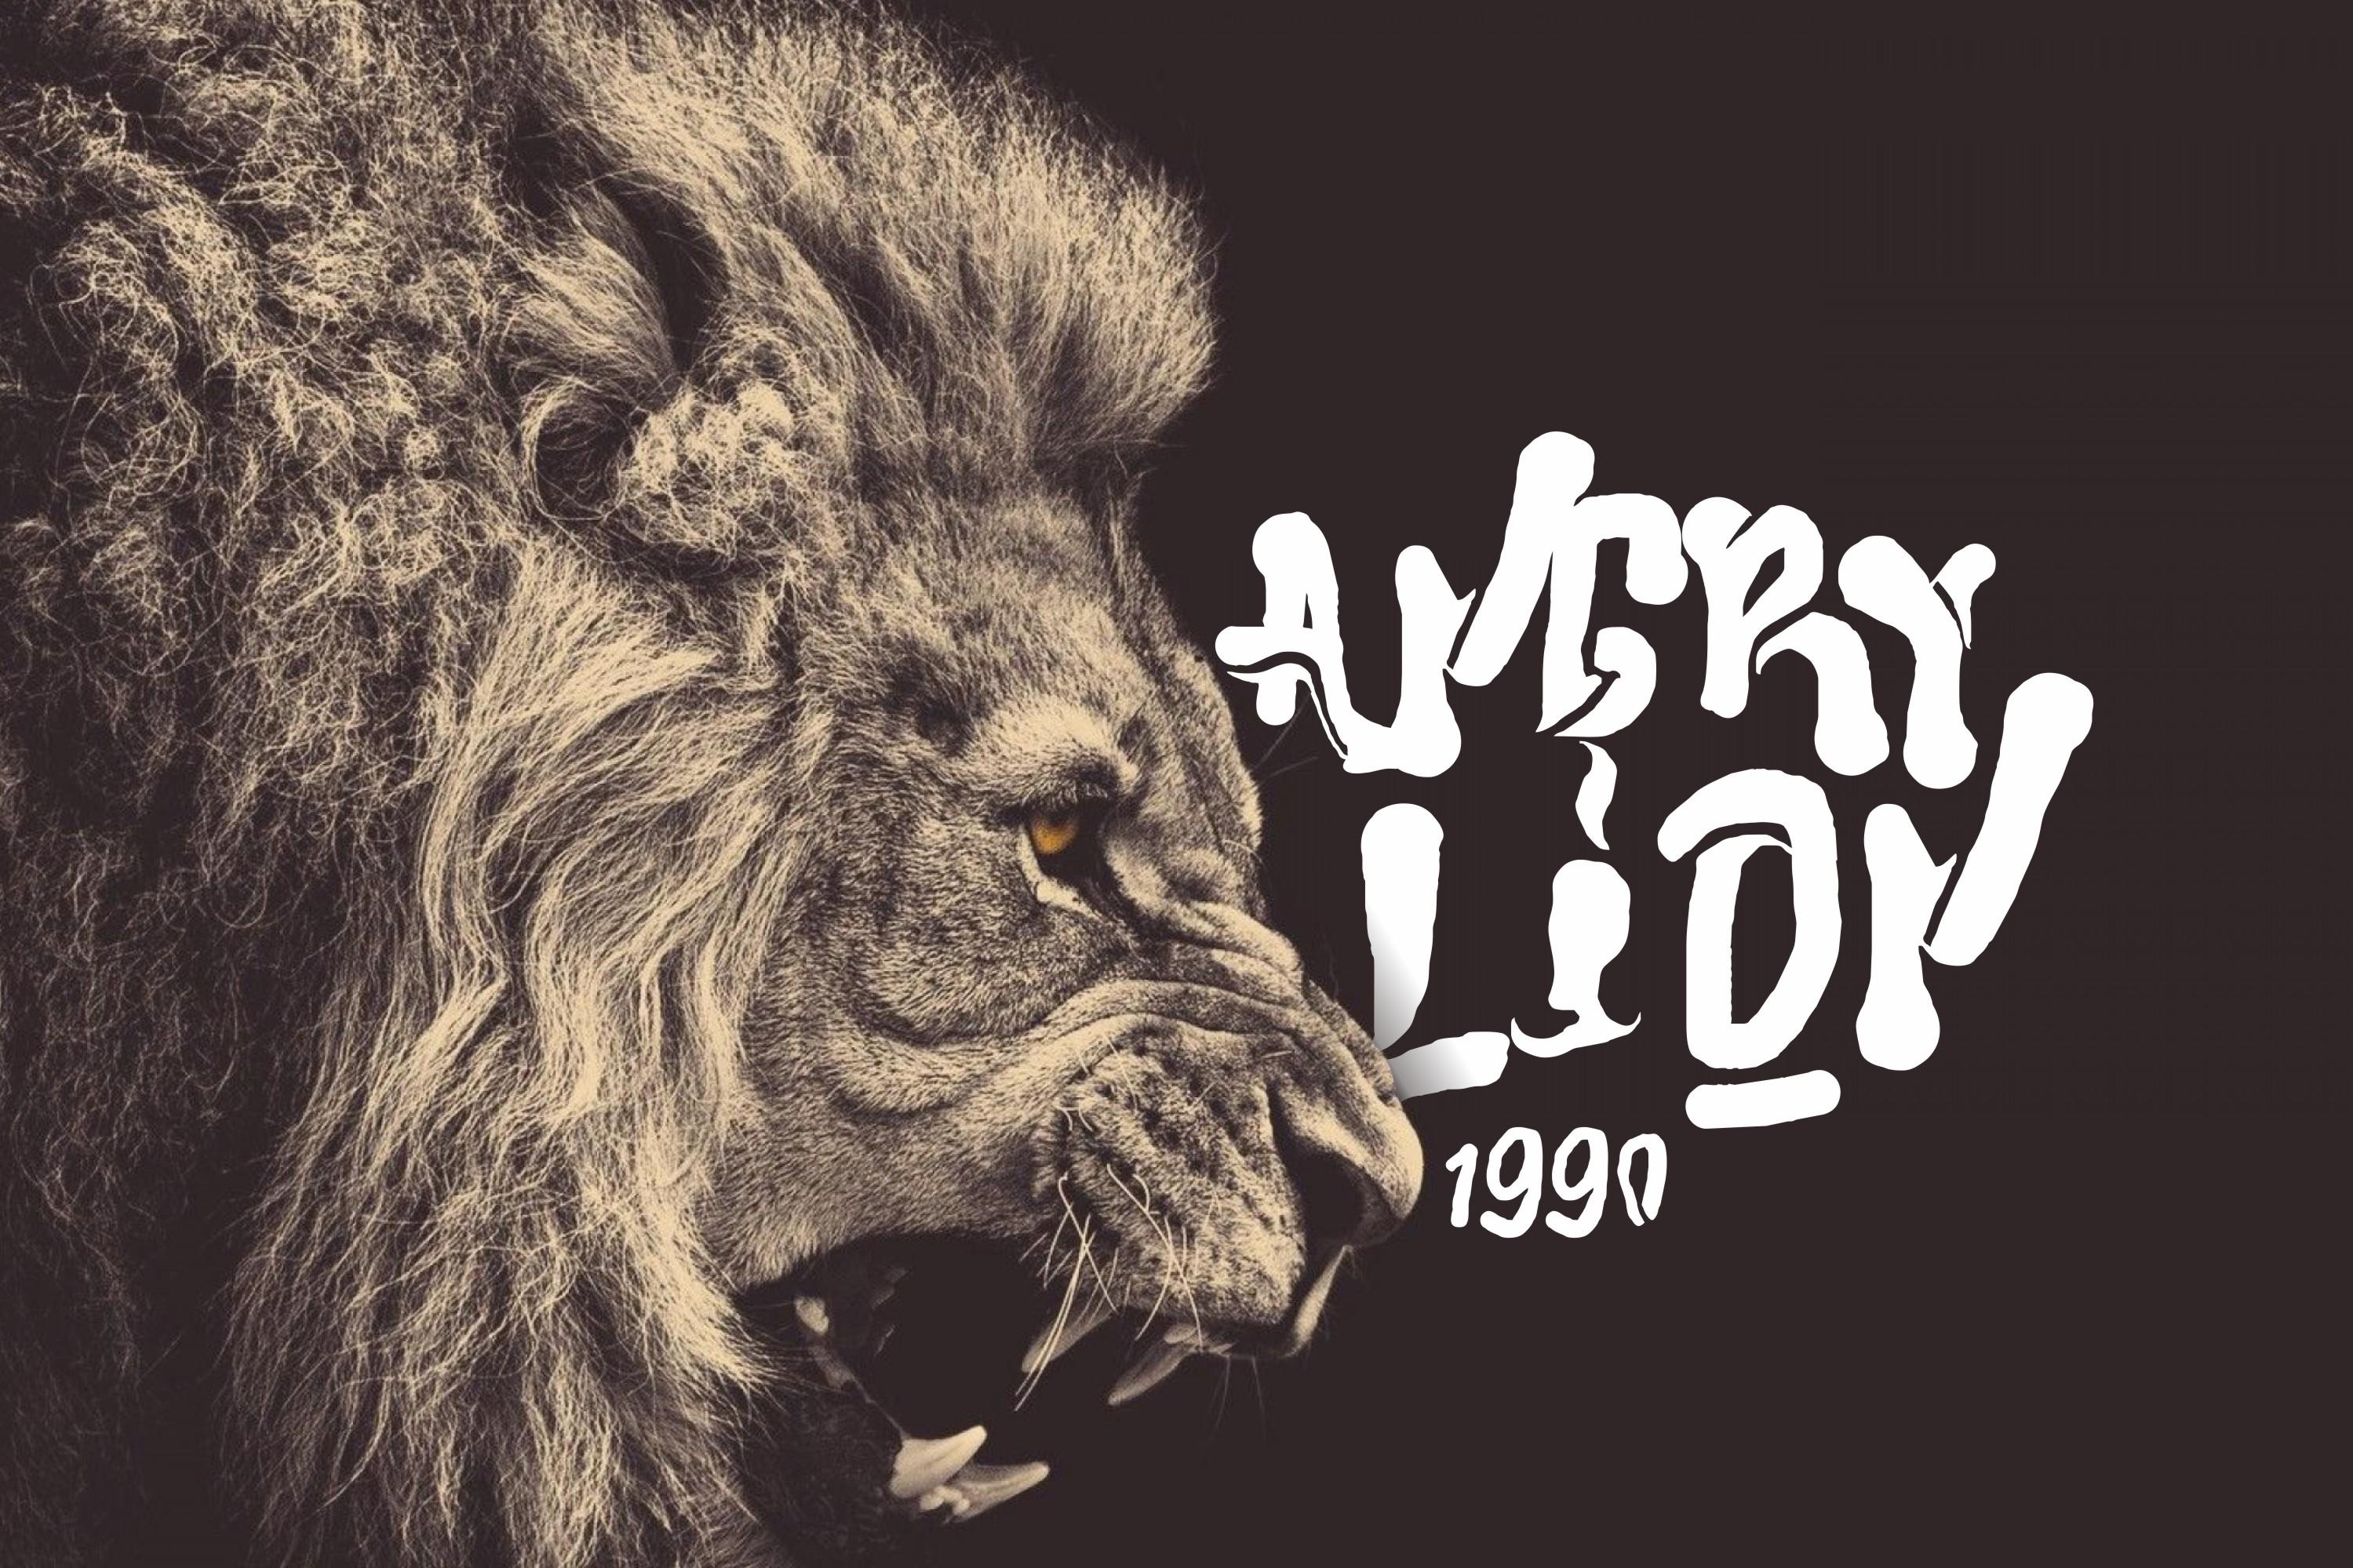 Лев на черном фоне скачать